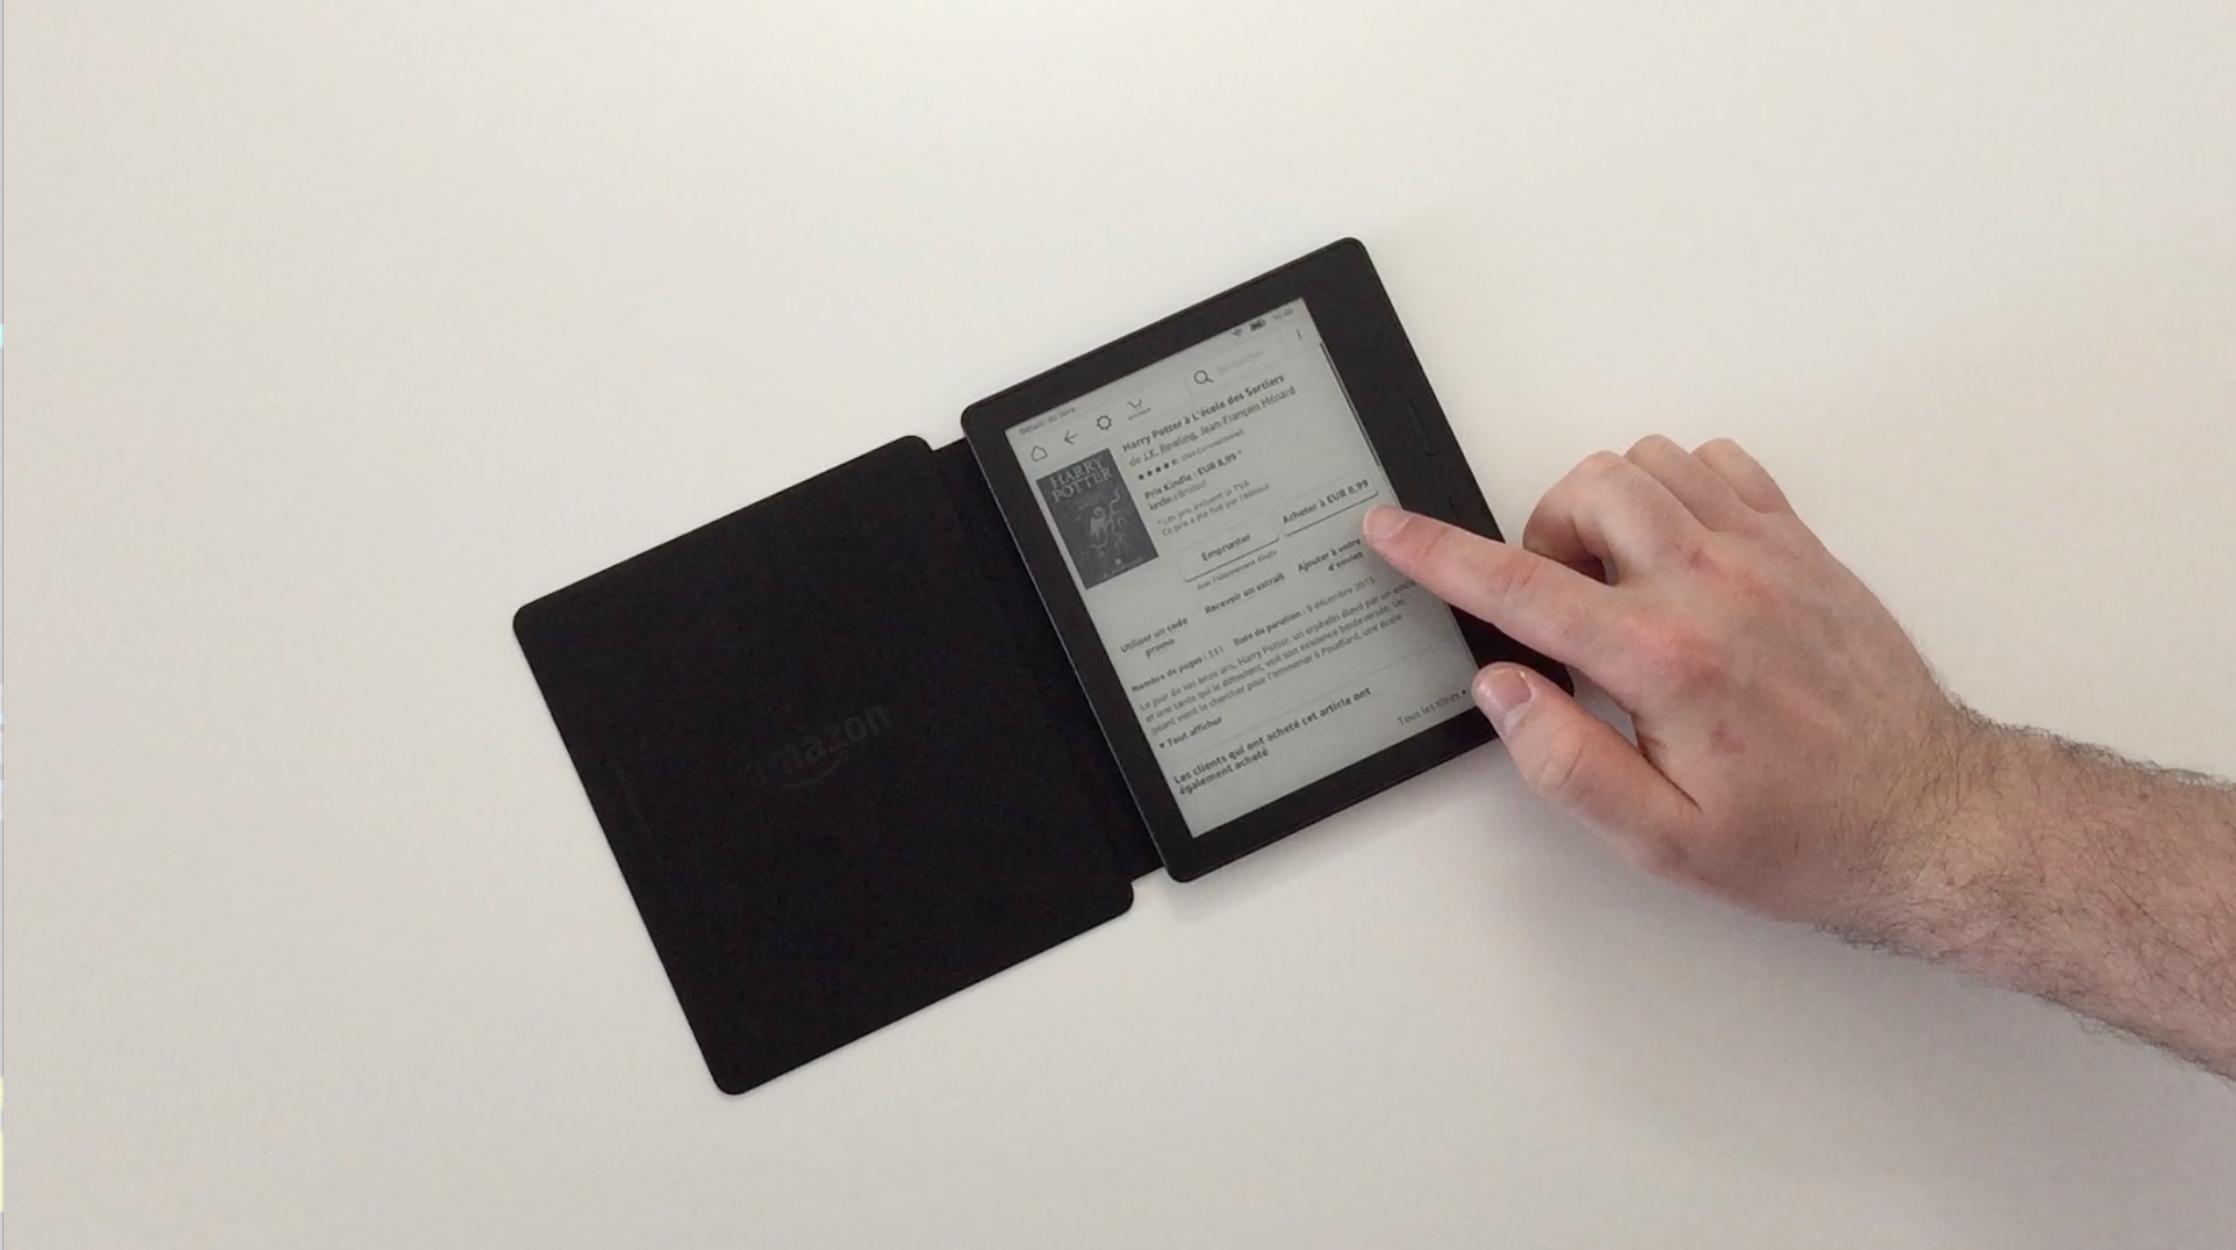 20170827 Test de la liseuse électronique Kindle OASIS Amazon 19